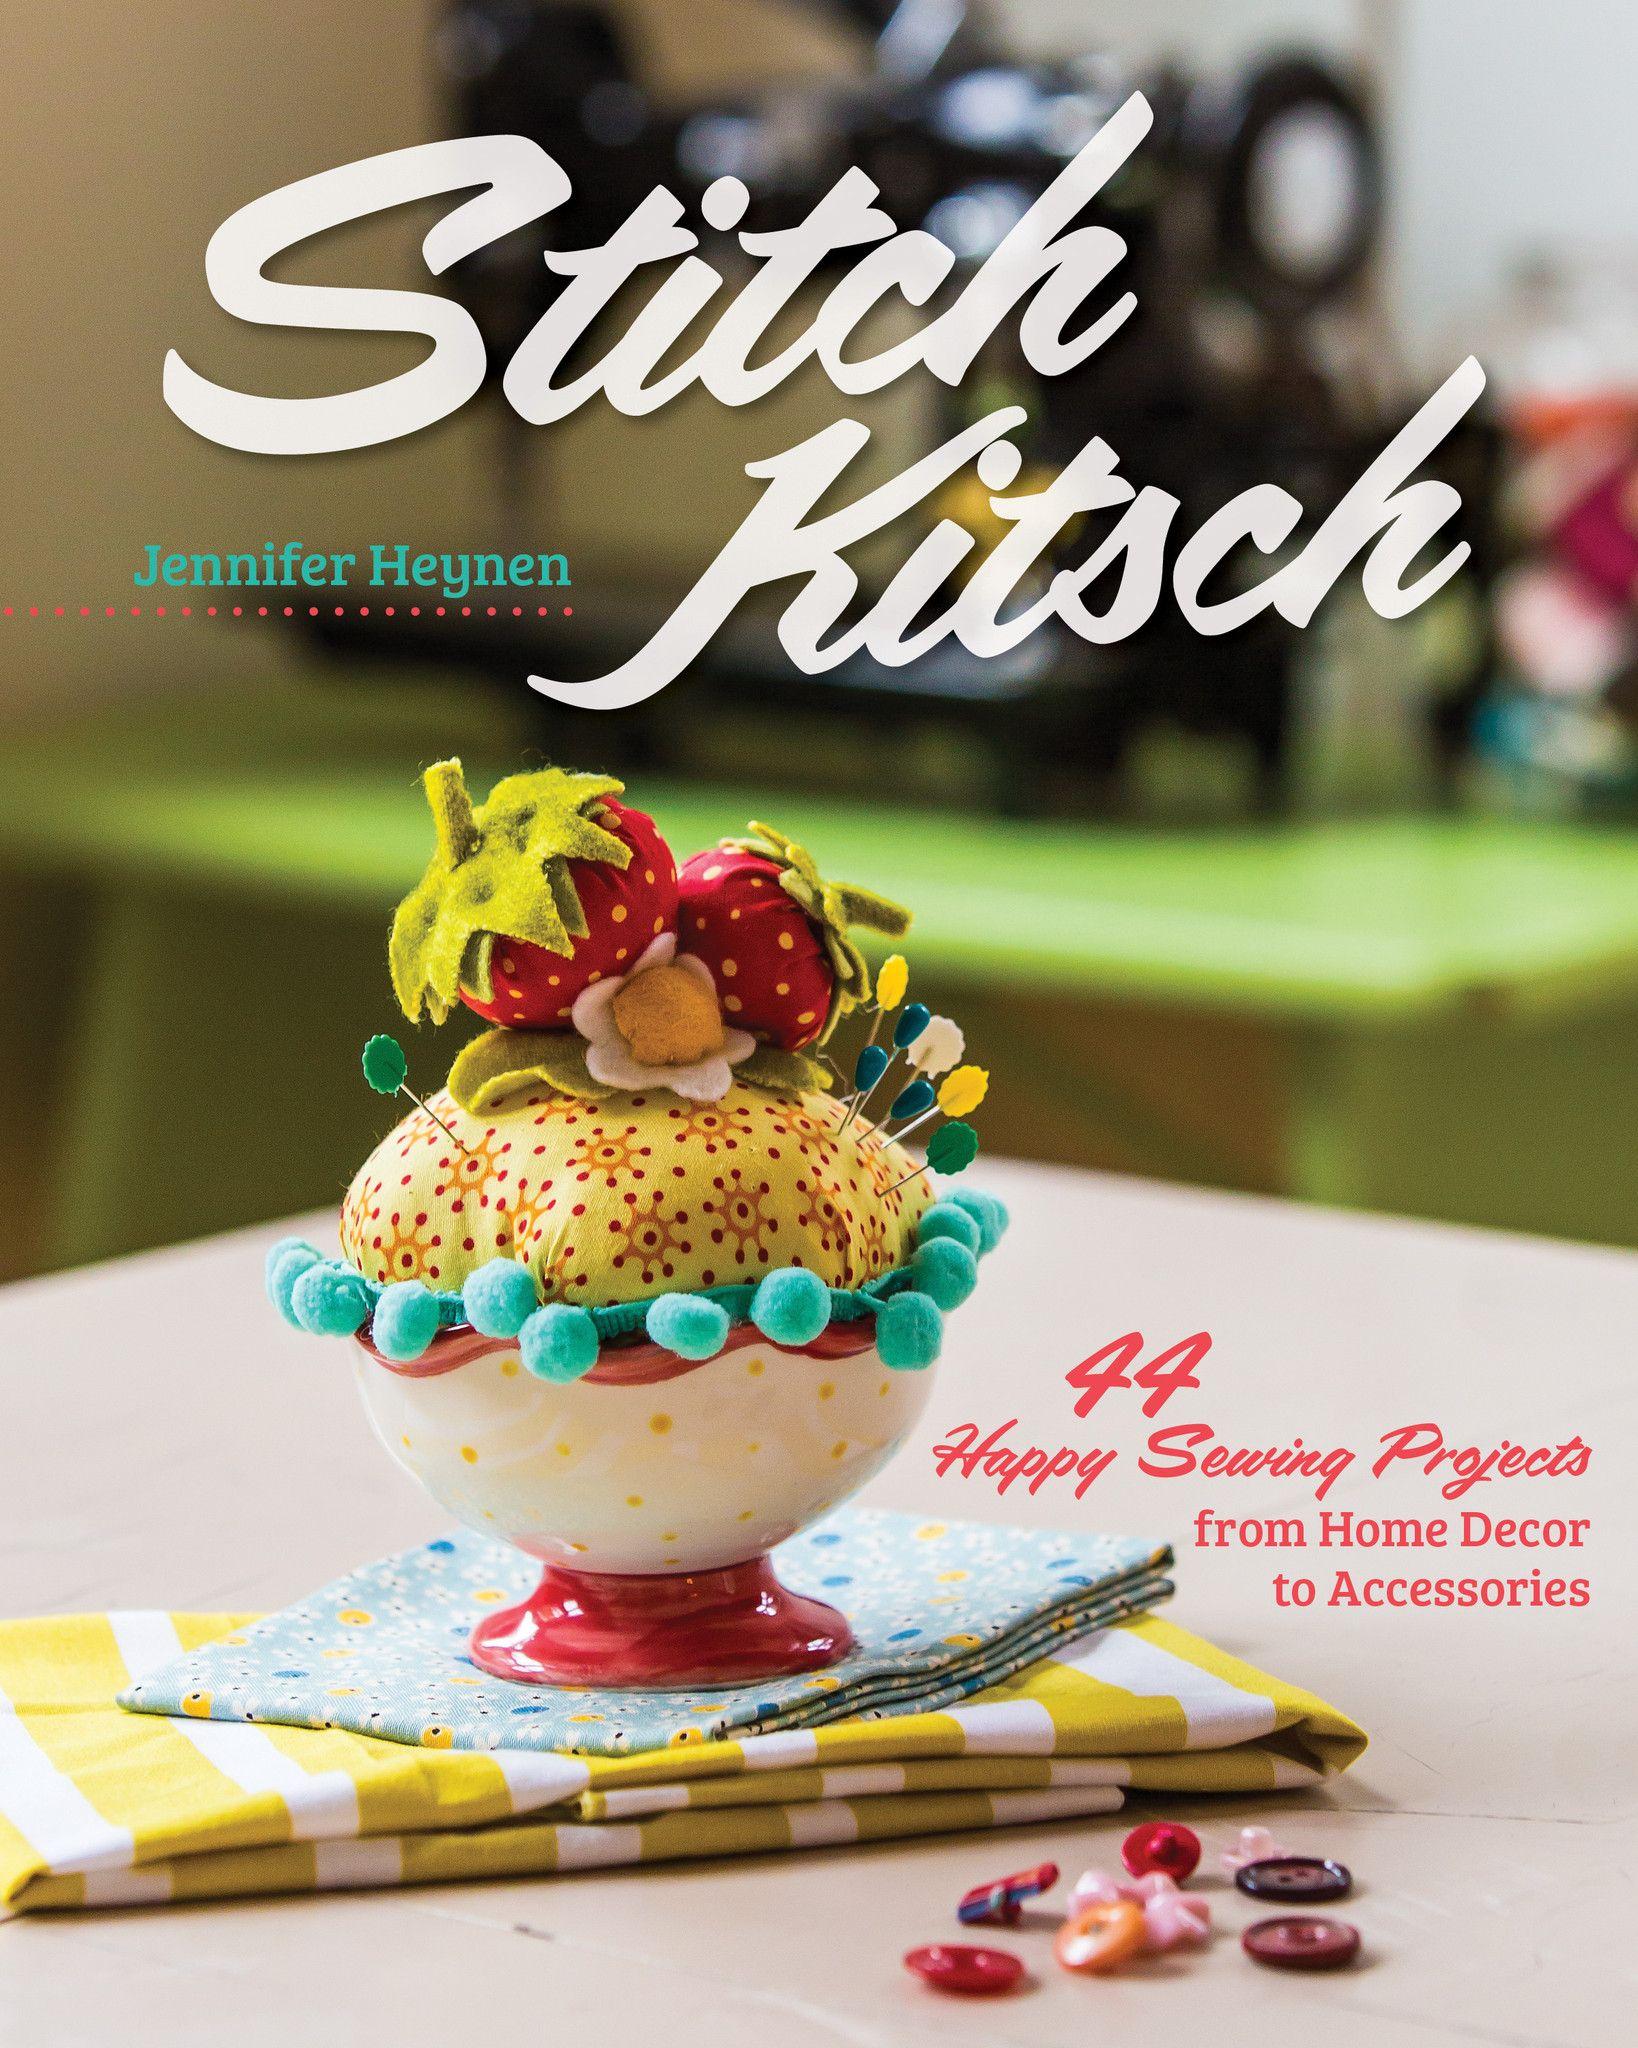 Stitch Kitsch